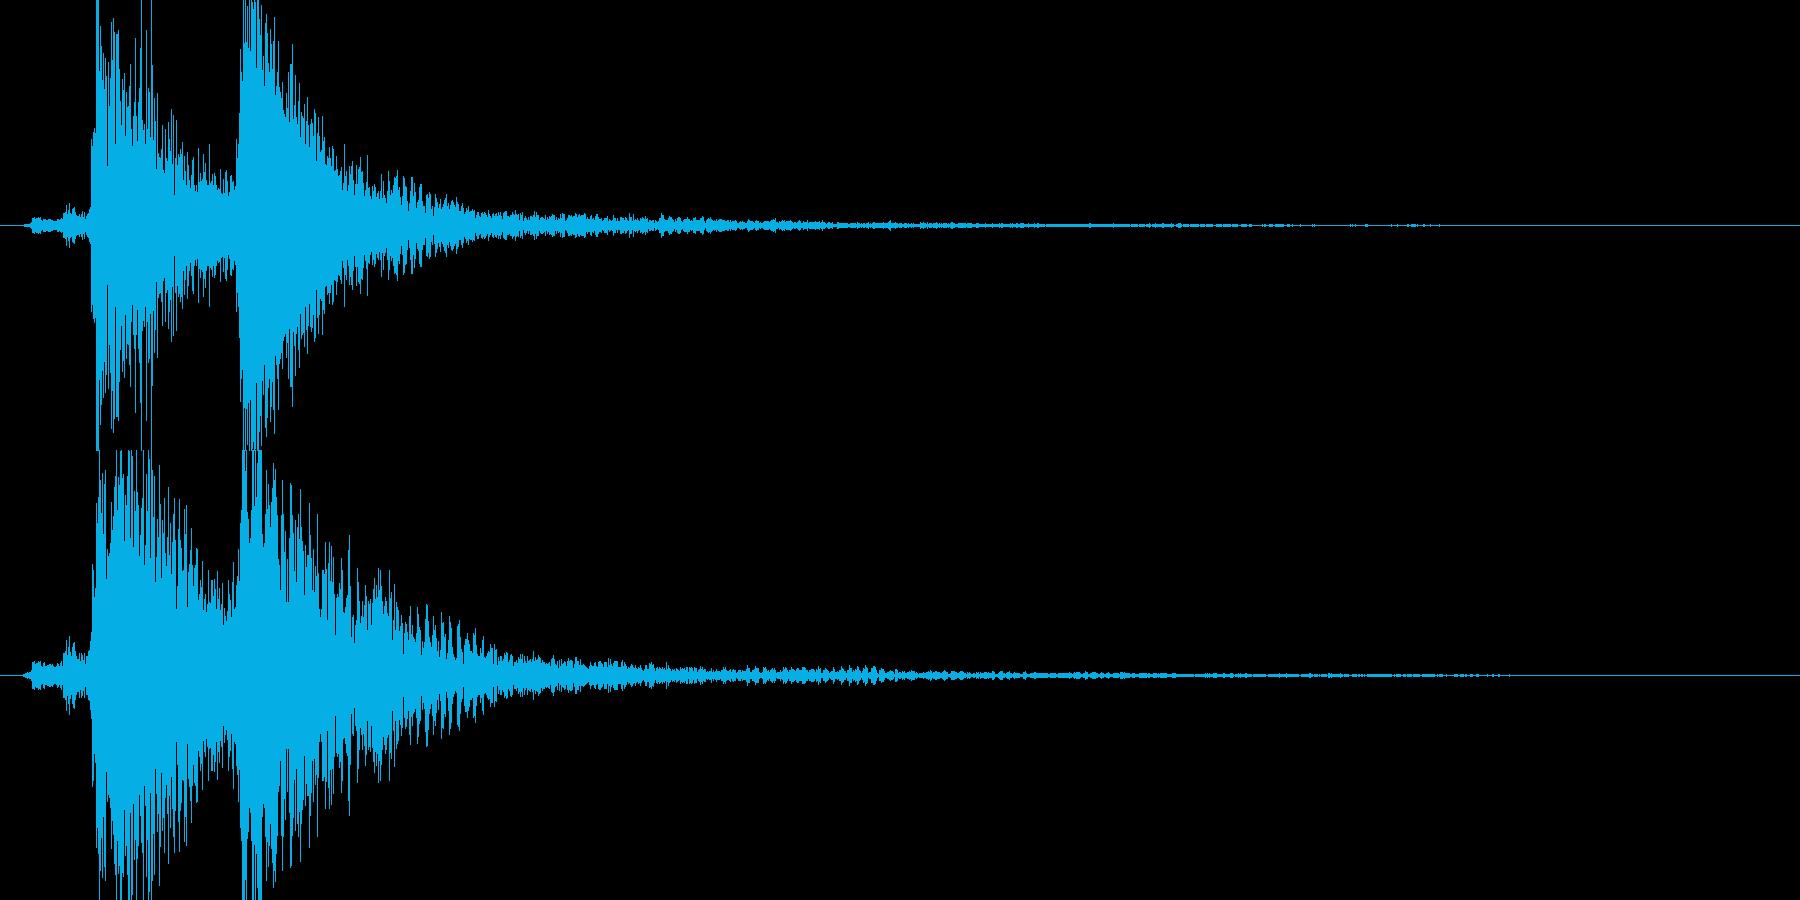 場面展開・アイキャッチ的ジングル(短め)の再生済みの波形